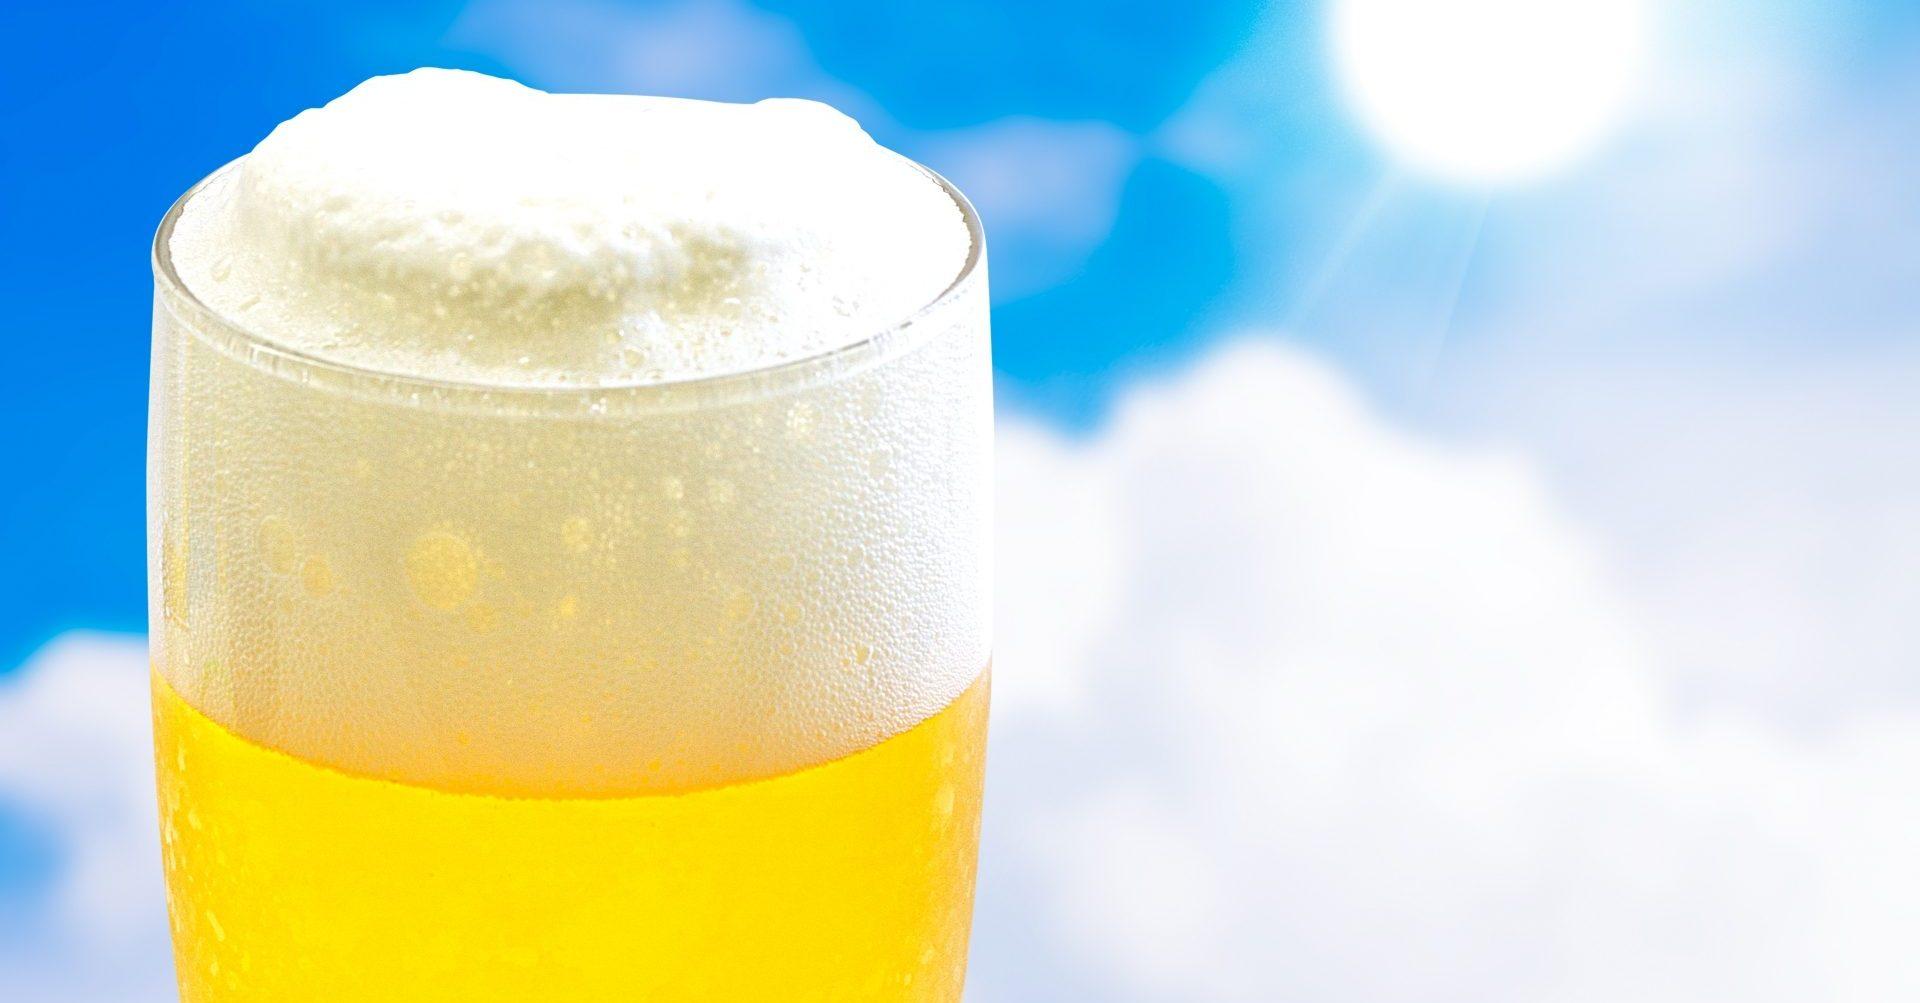 ビールはジョッキと瓶、どっち派?味やおいしさに明確な違いはあるのか。